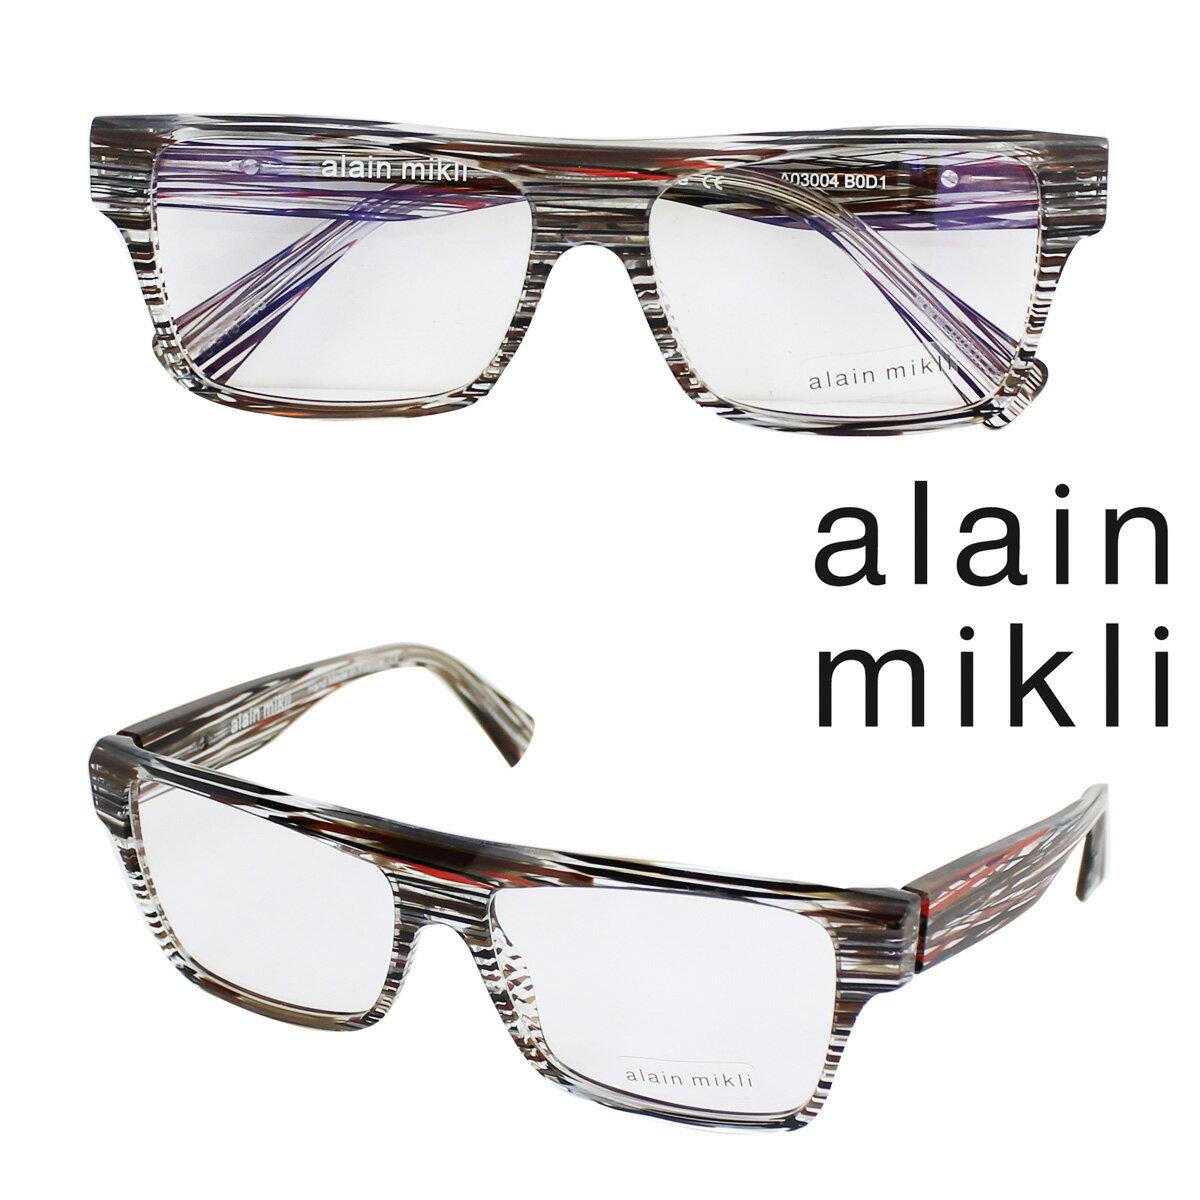 アランミクリ alain mikli メガネ 眼鏡 フランス製 メンズ レディース 【返品不可】